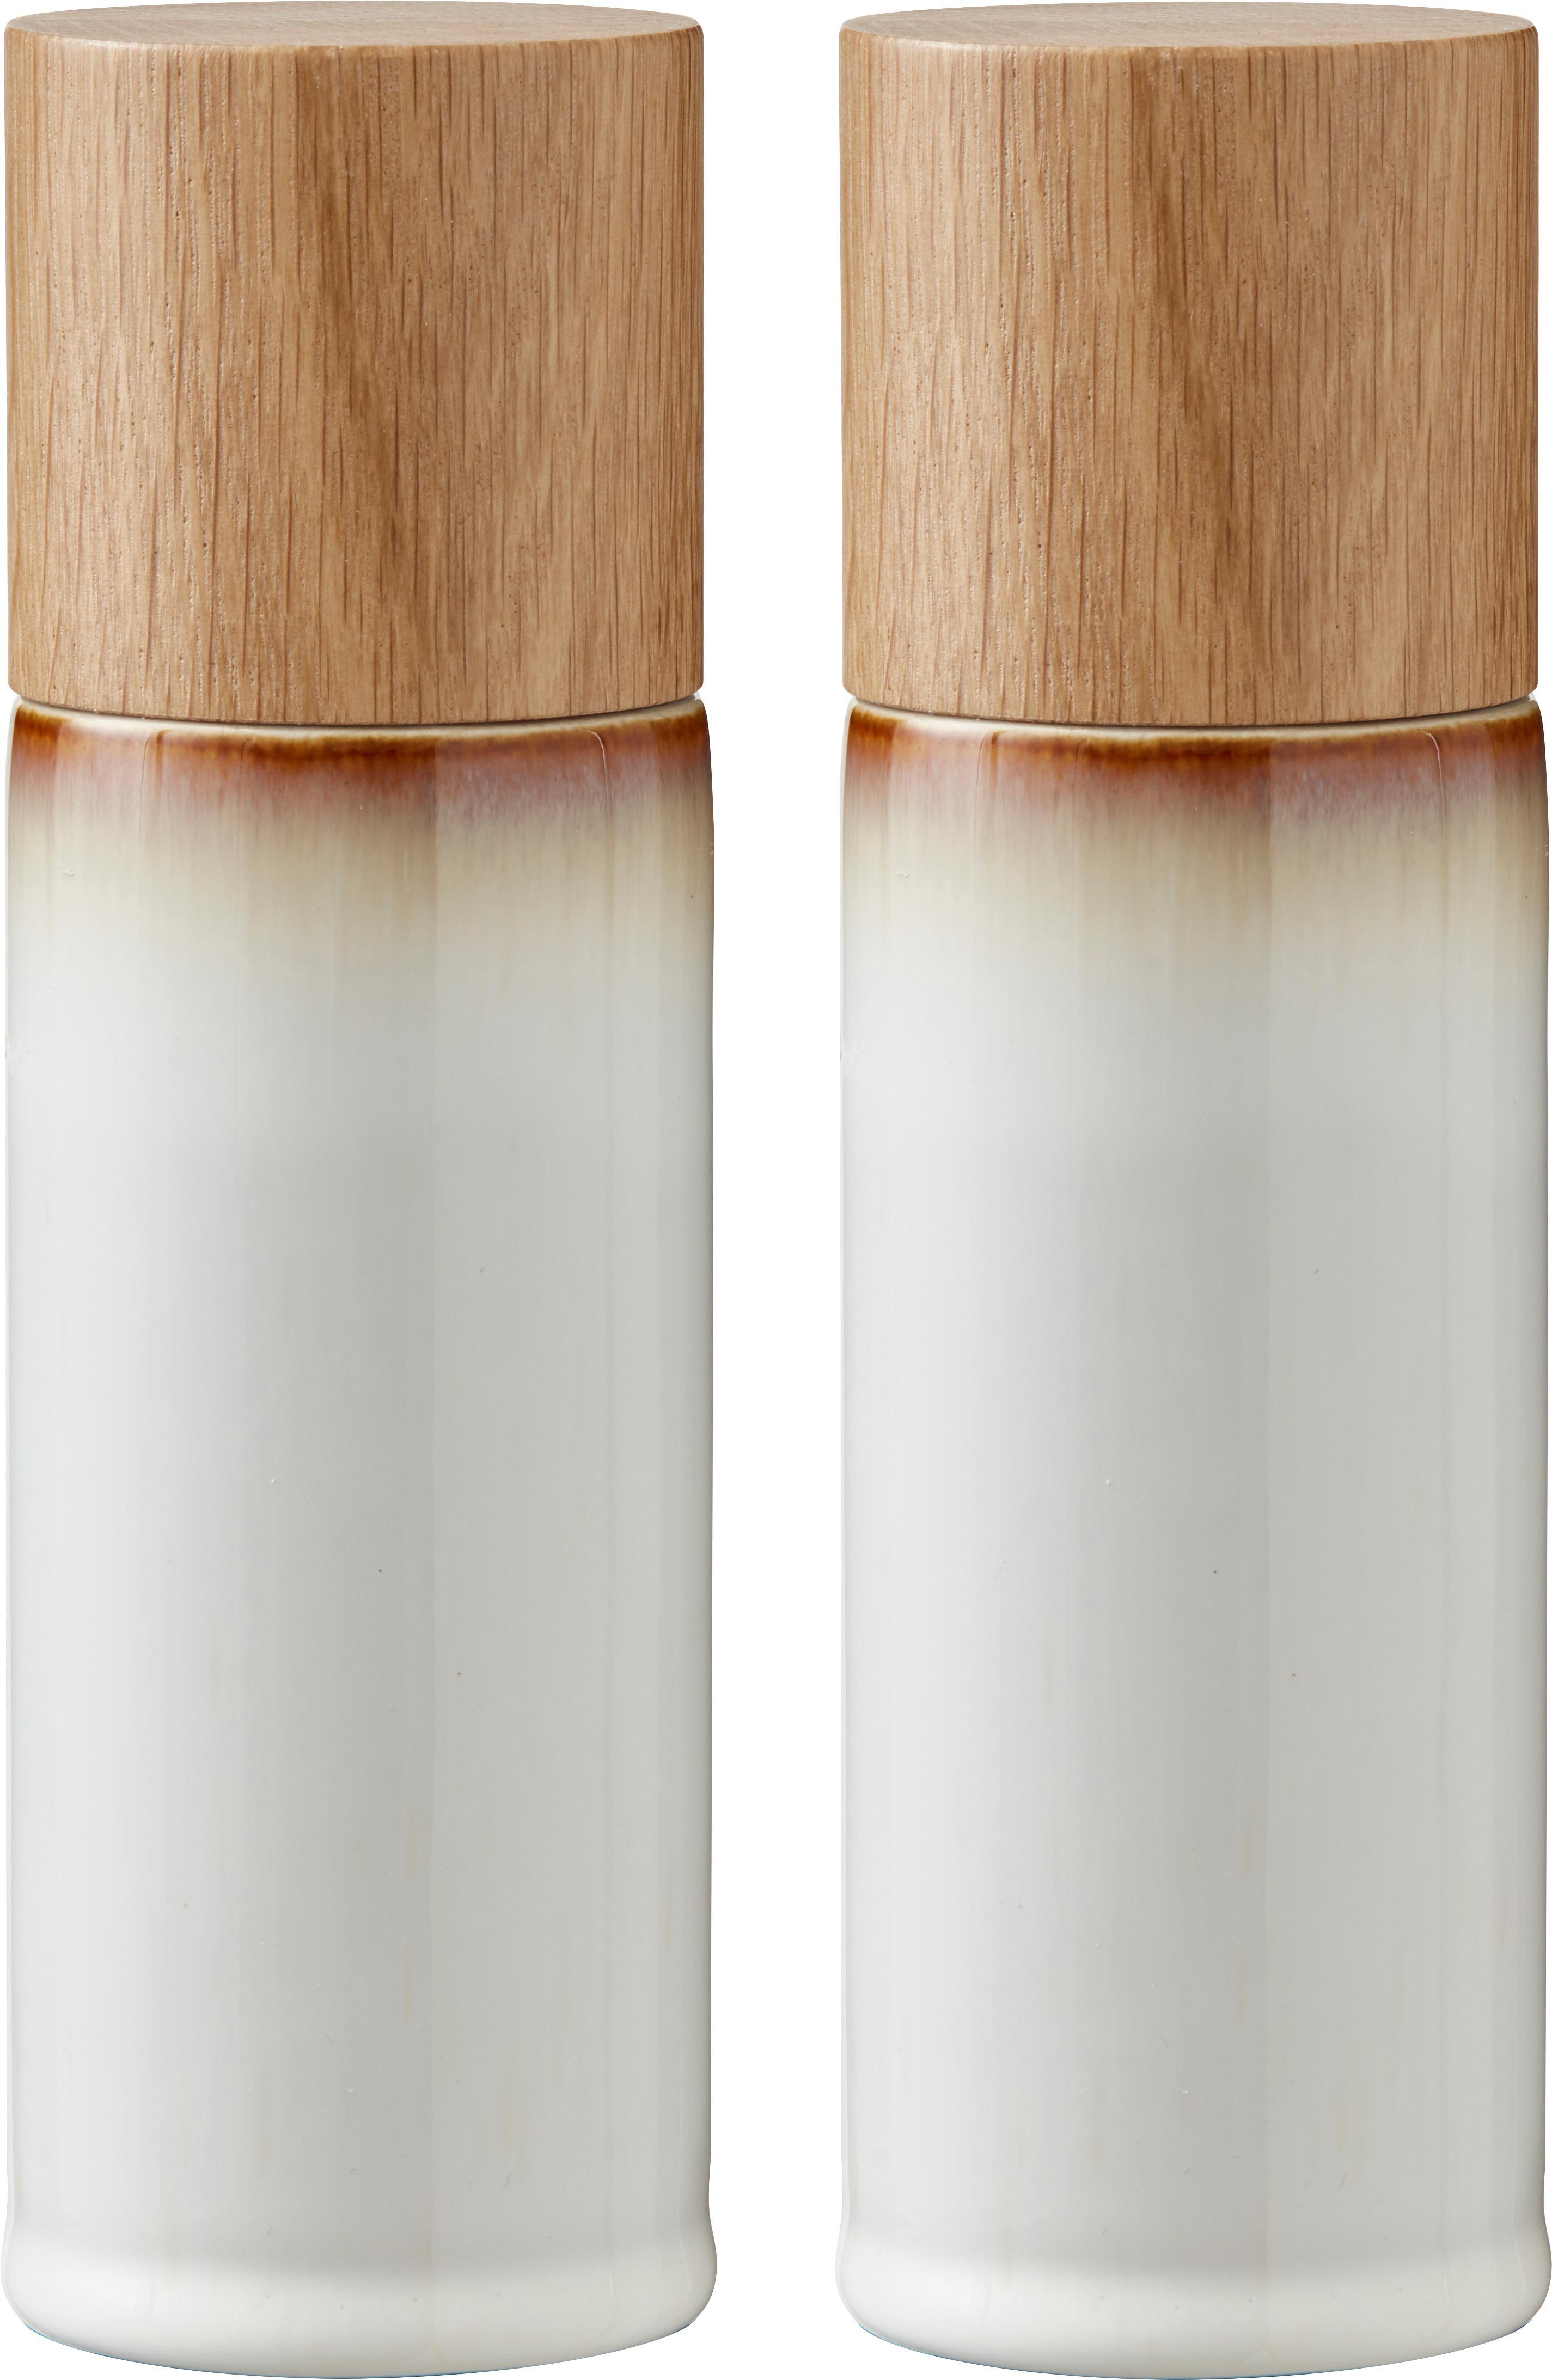 Salero y pimientero de gres Bizz, 2pzas., Recipiente: gres, Grinder: cerámica, Tonos verdes, beige, madera, Ø 5 x Al 17 cm